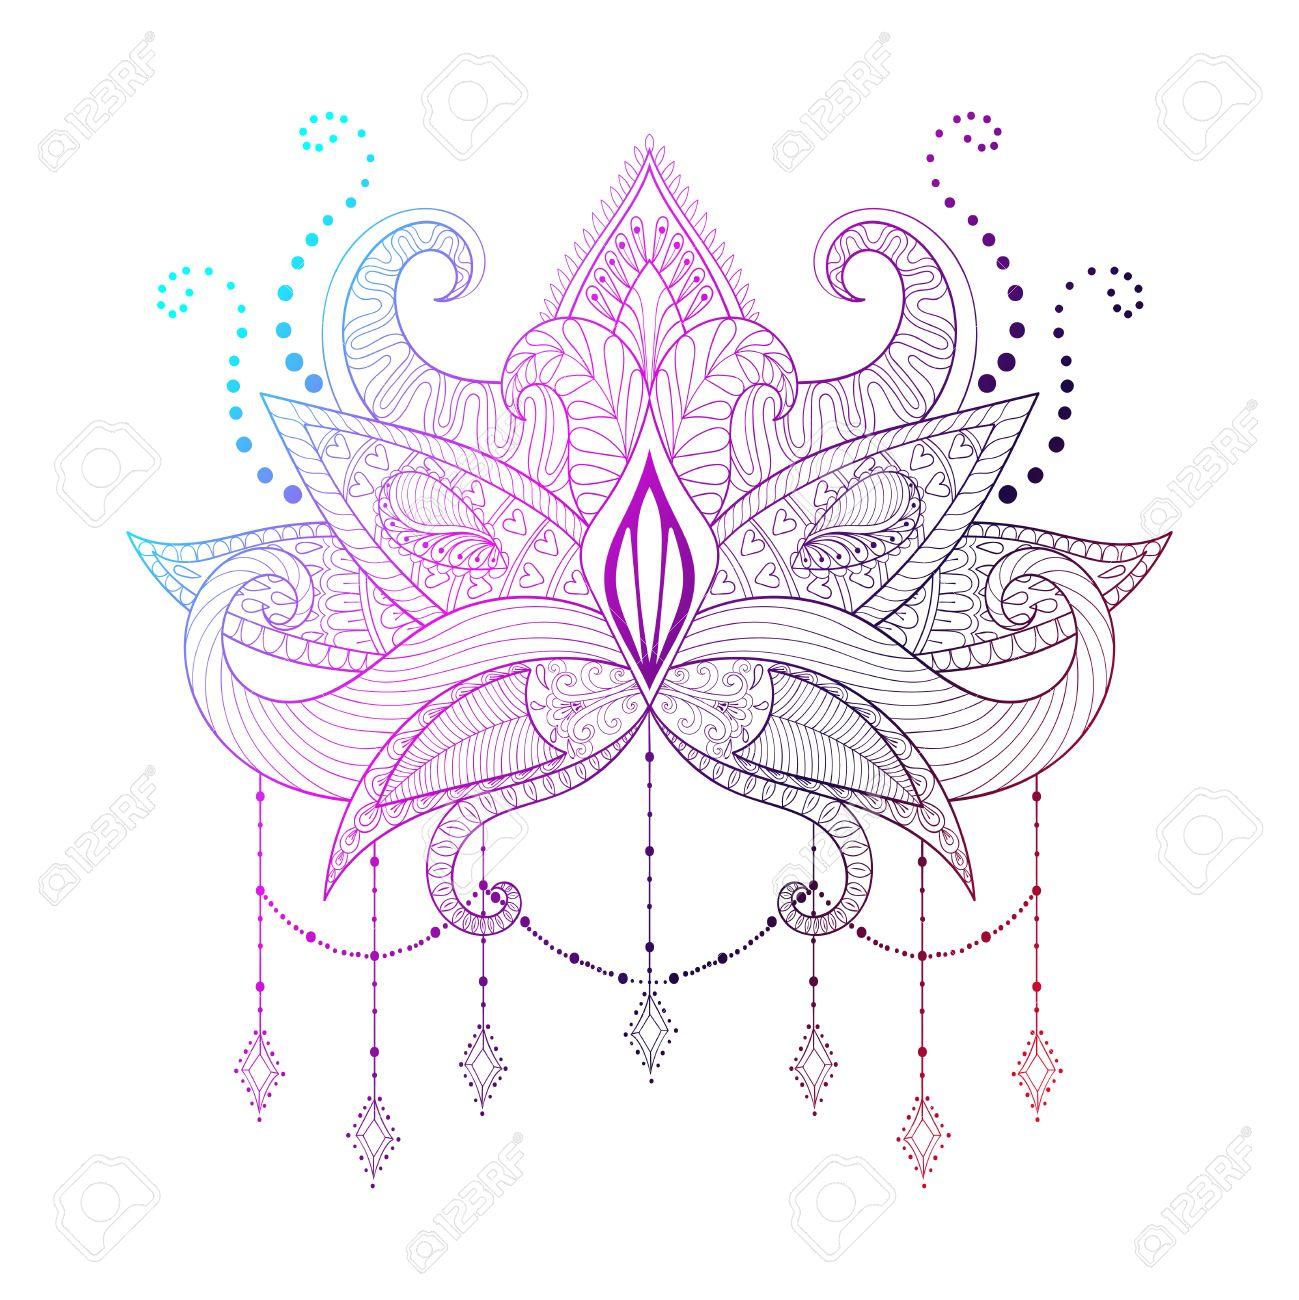 Boho Sier Kleur Lotusbloem Zwartwerk Tattoo Ontwerp Indian Paisley